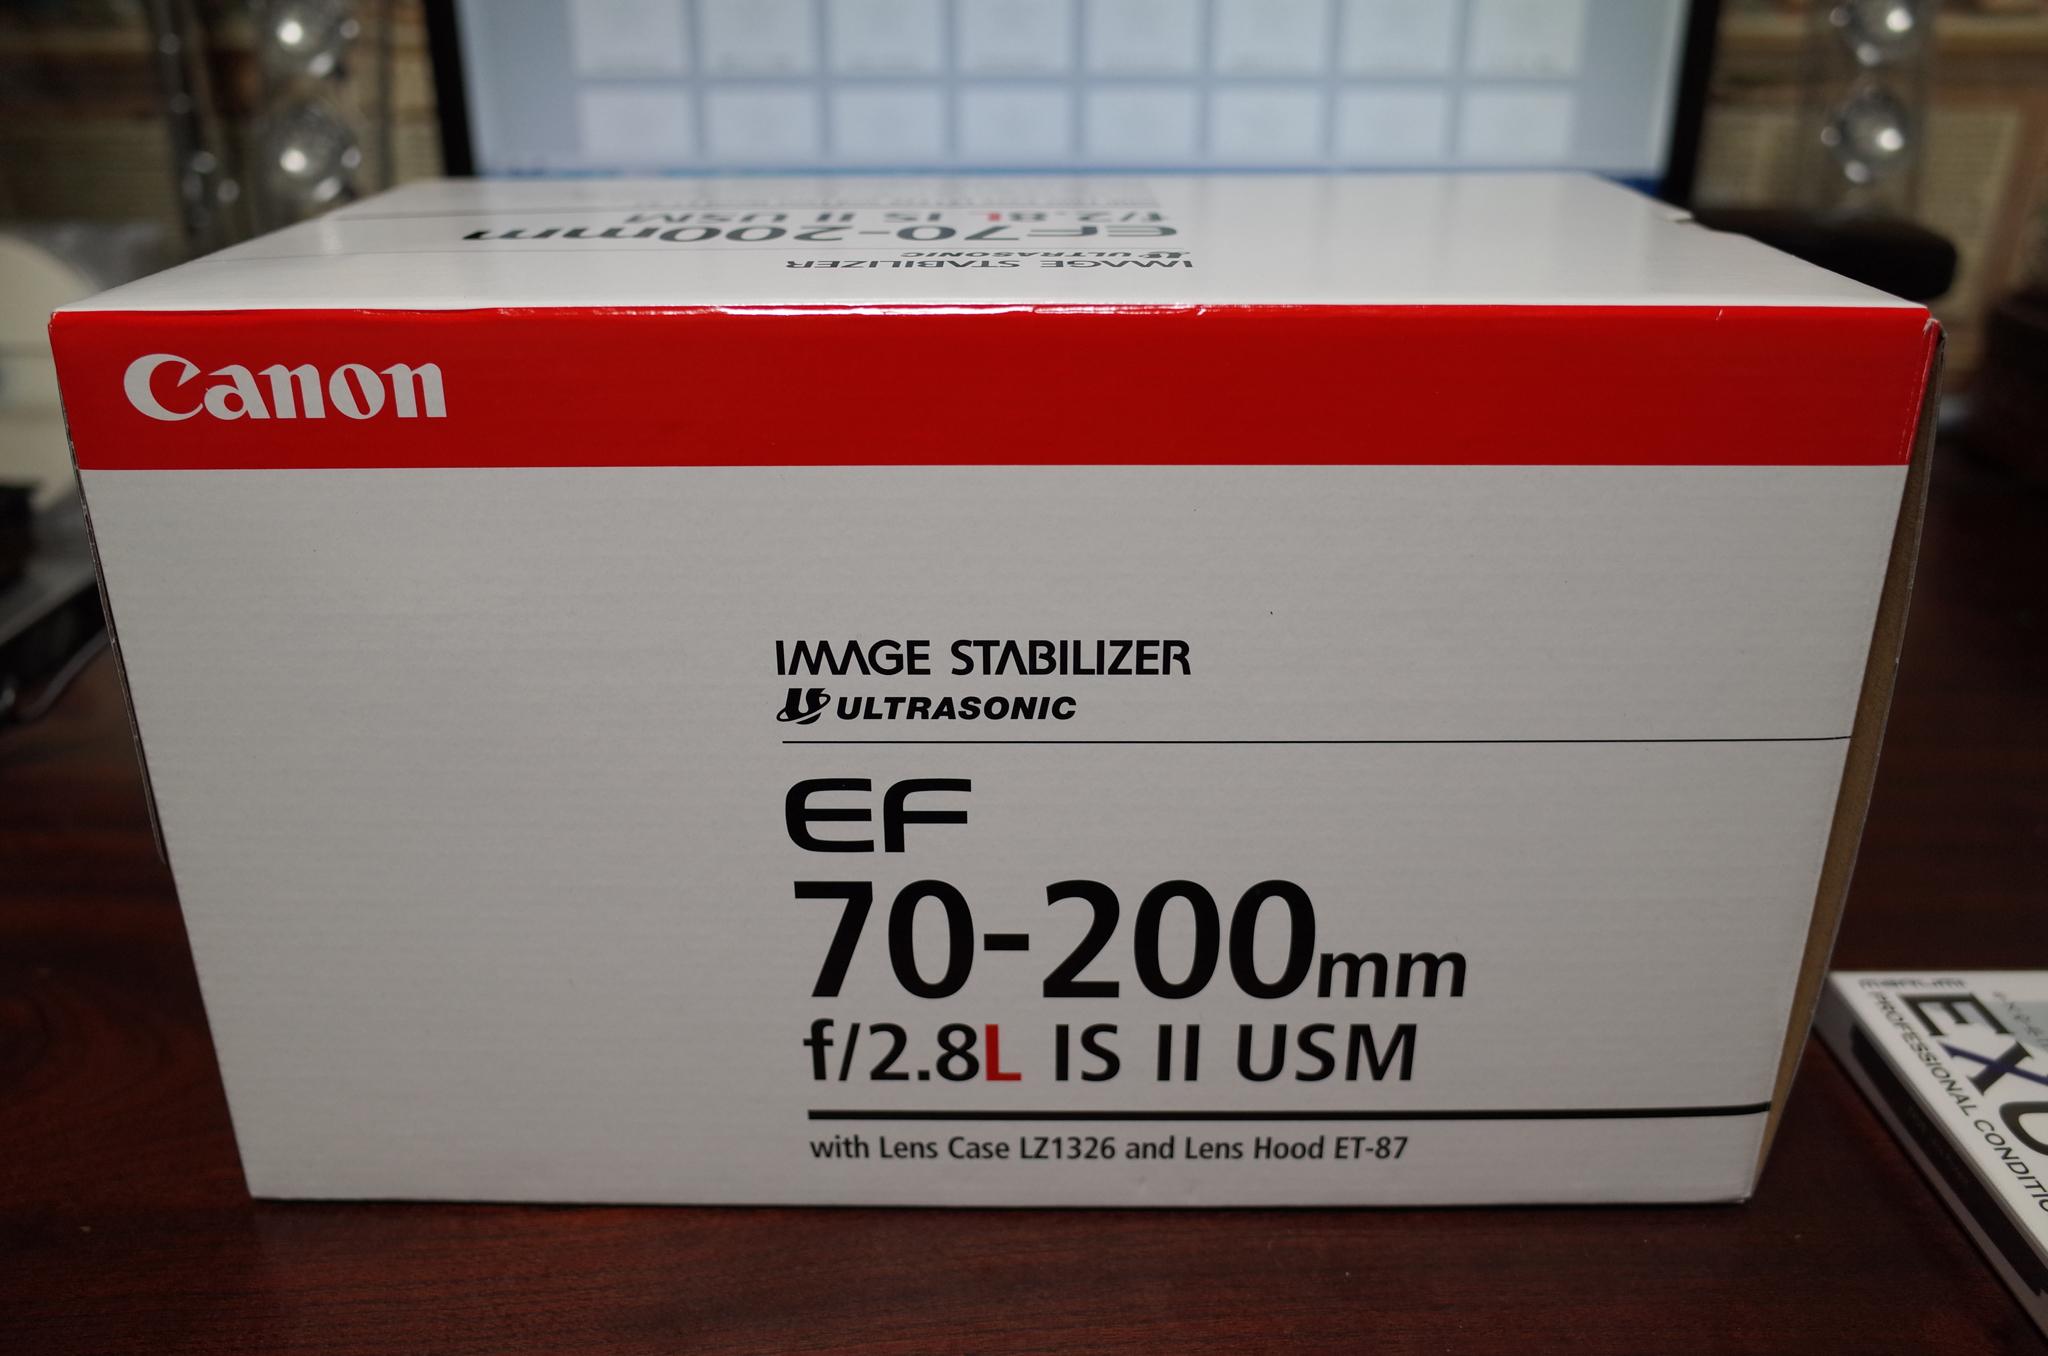 神レンズと名高いCANON EF70-200mm F2.8L IS II USMをこれから買おうか悩んでいる人へ